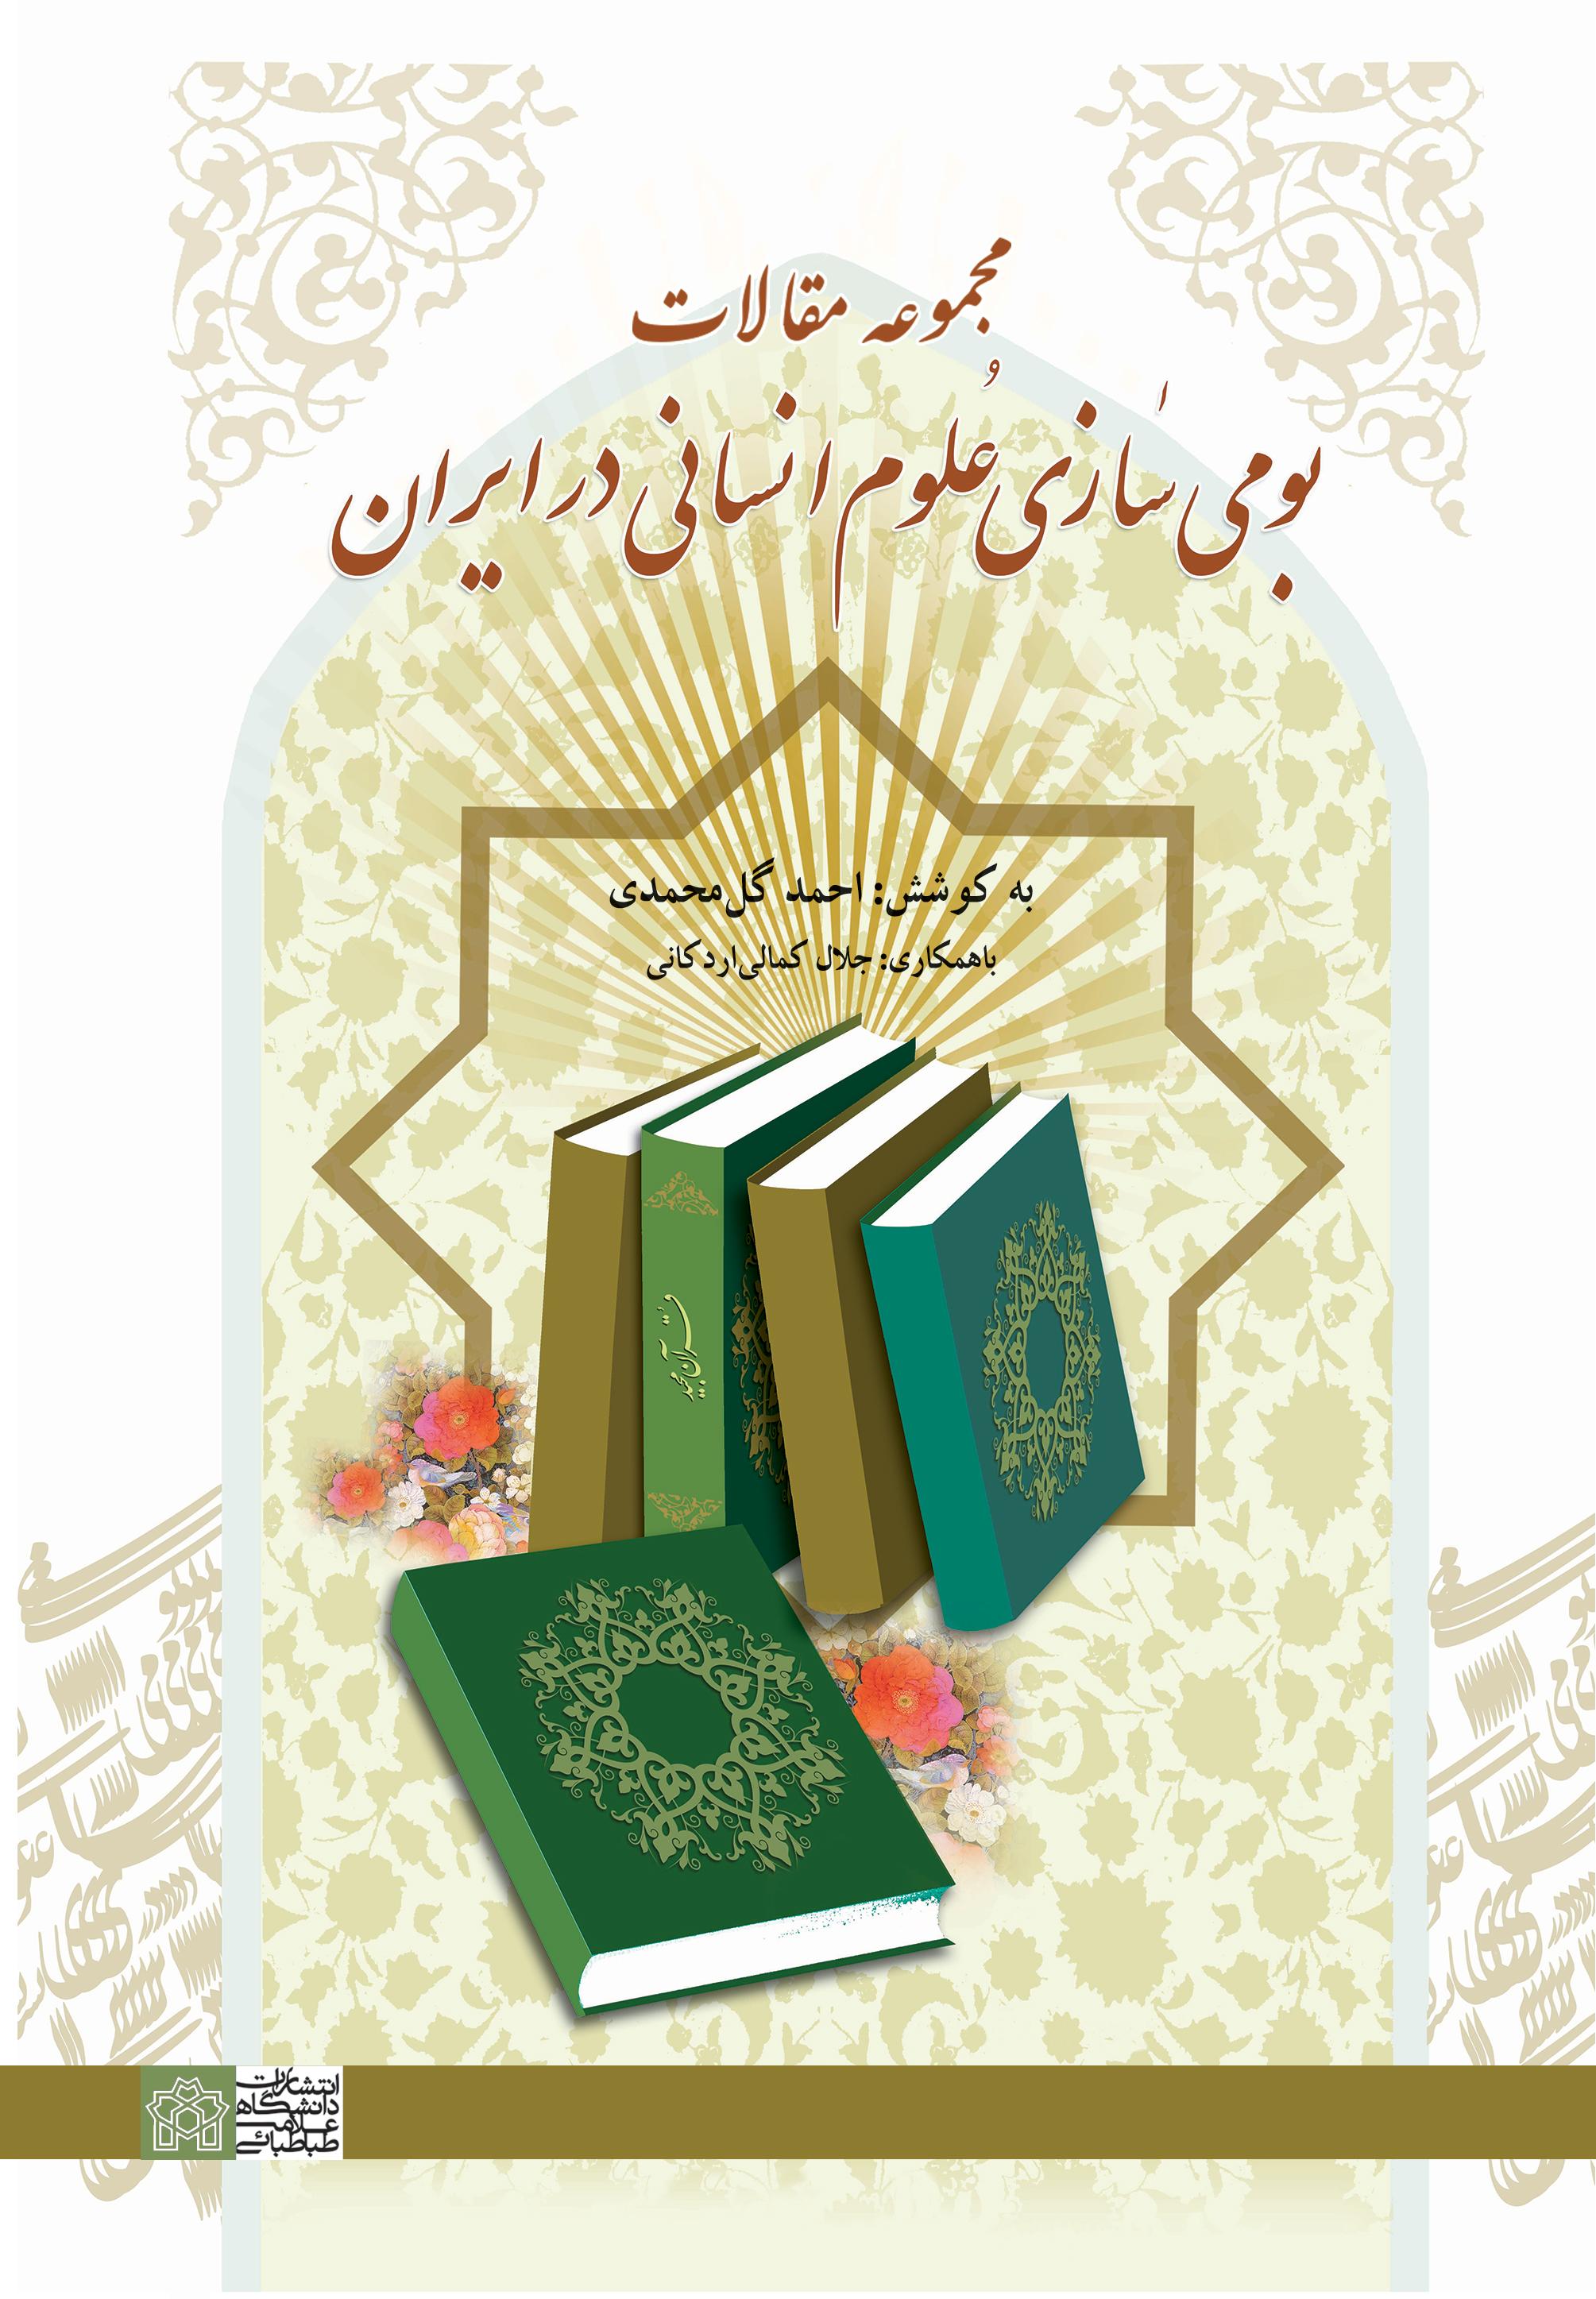 مجموعه مقالات بومی سازی علوم انسانی در ایران